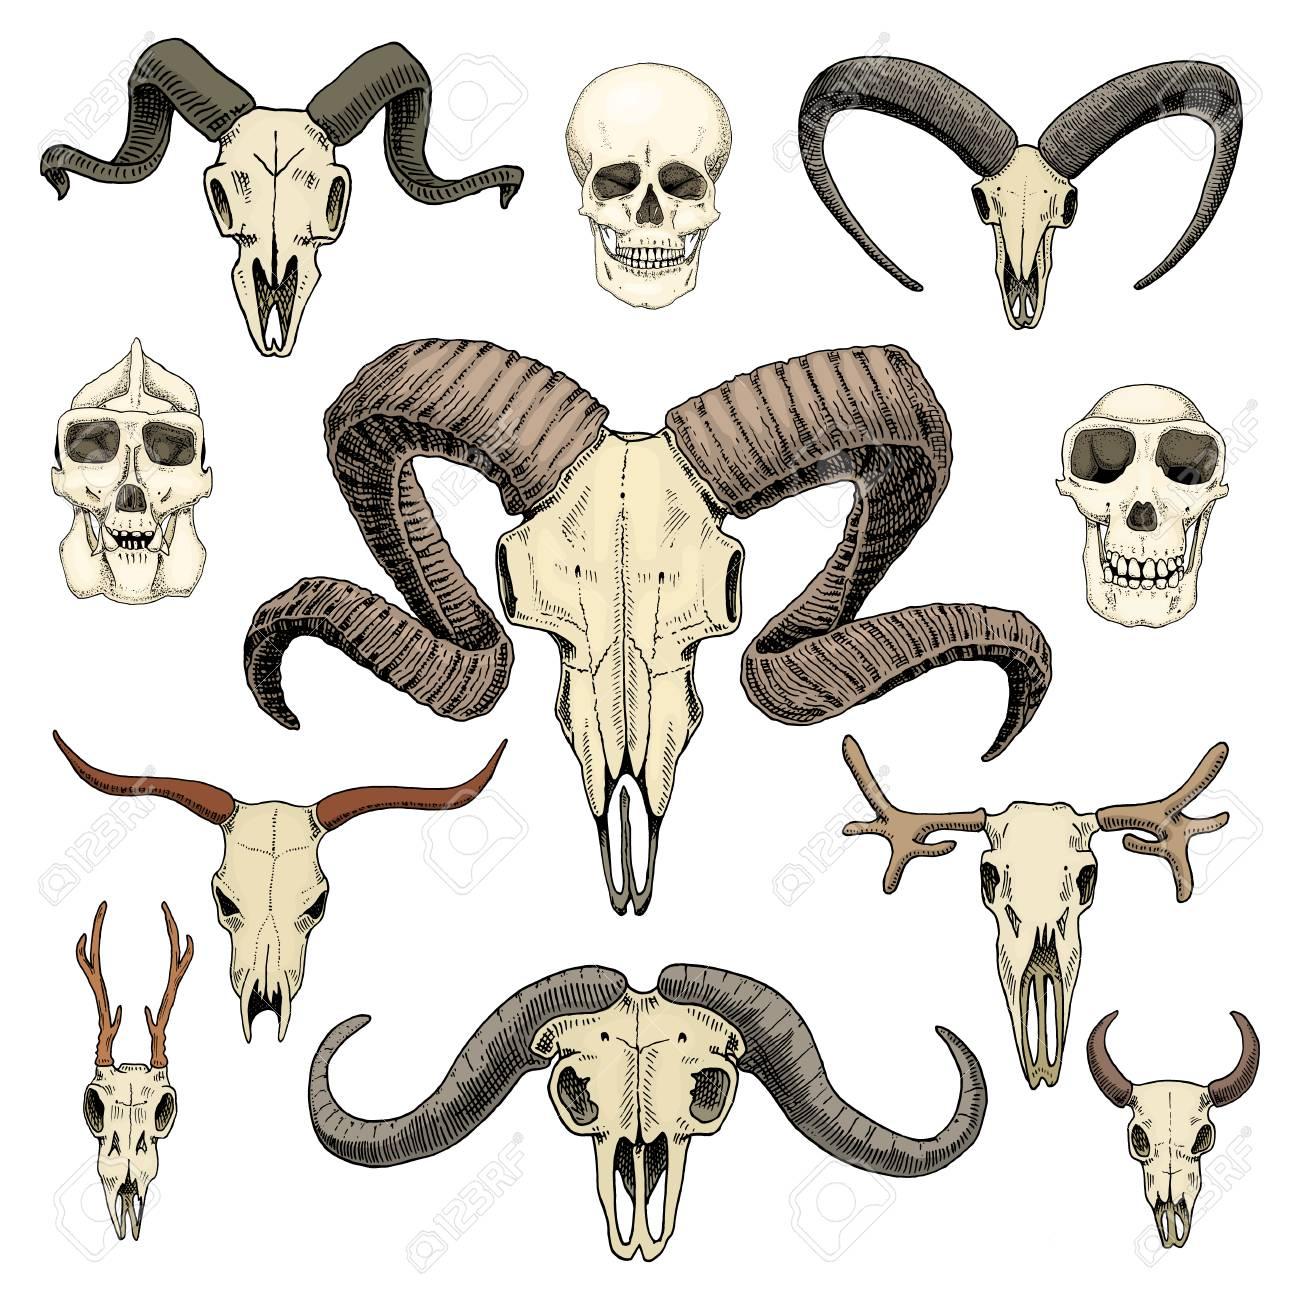 古いスケッチとビンテージ スタイルの動物の頭蓋骨のイラスト手書き頭蓋骨セットまたはスケルトン。